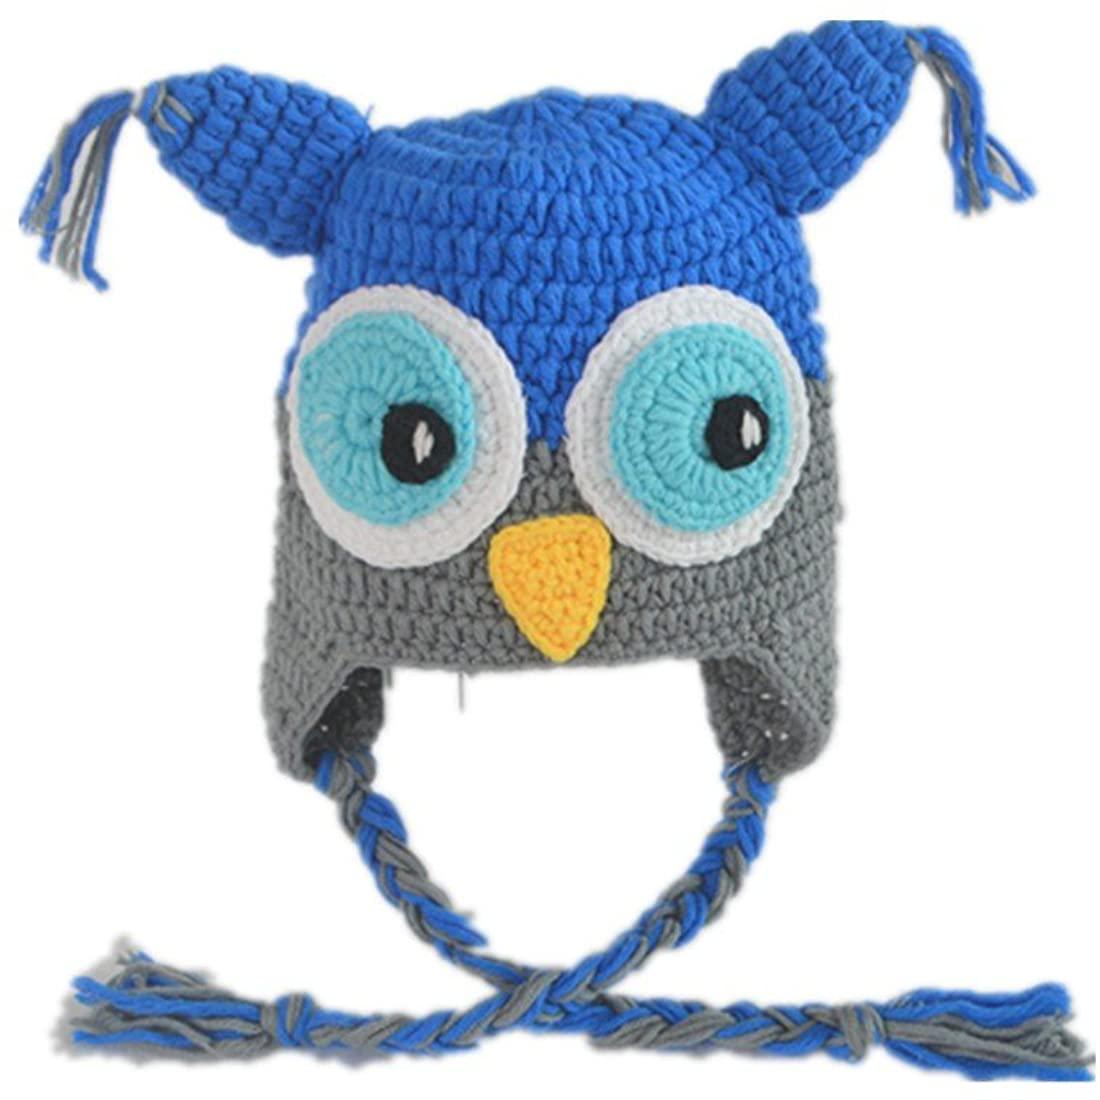 Generic Animal Crochet Beanie Hat for Infant Boys